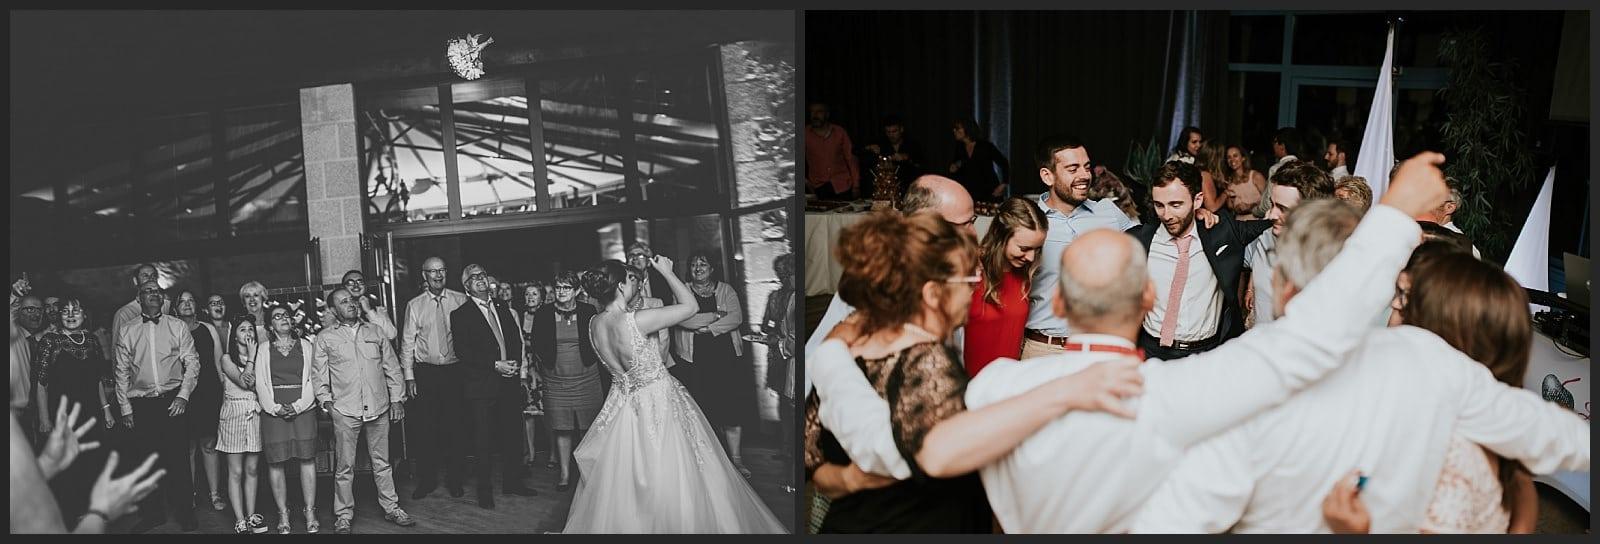 Lancer du bouquet et invité qui dansent à une soirée au clos des cèdres dj la cerise sur le gateau